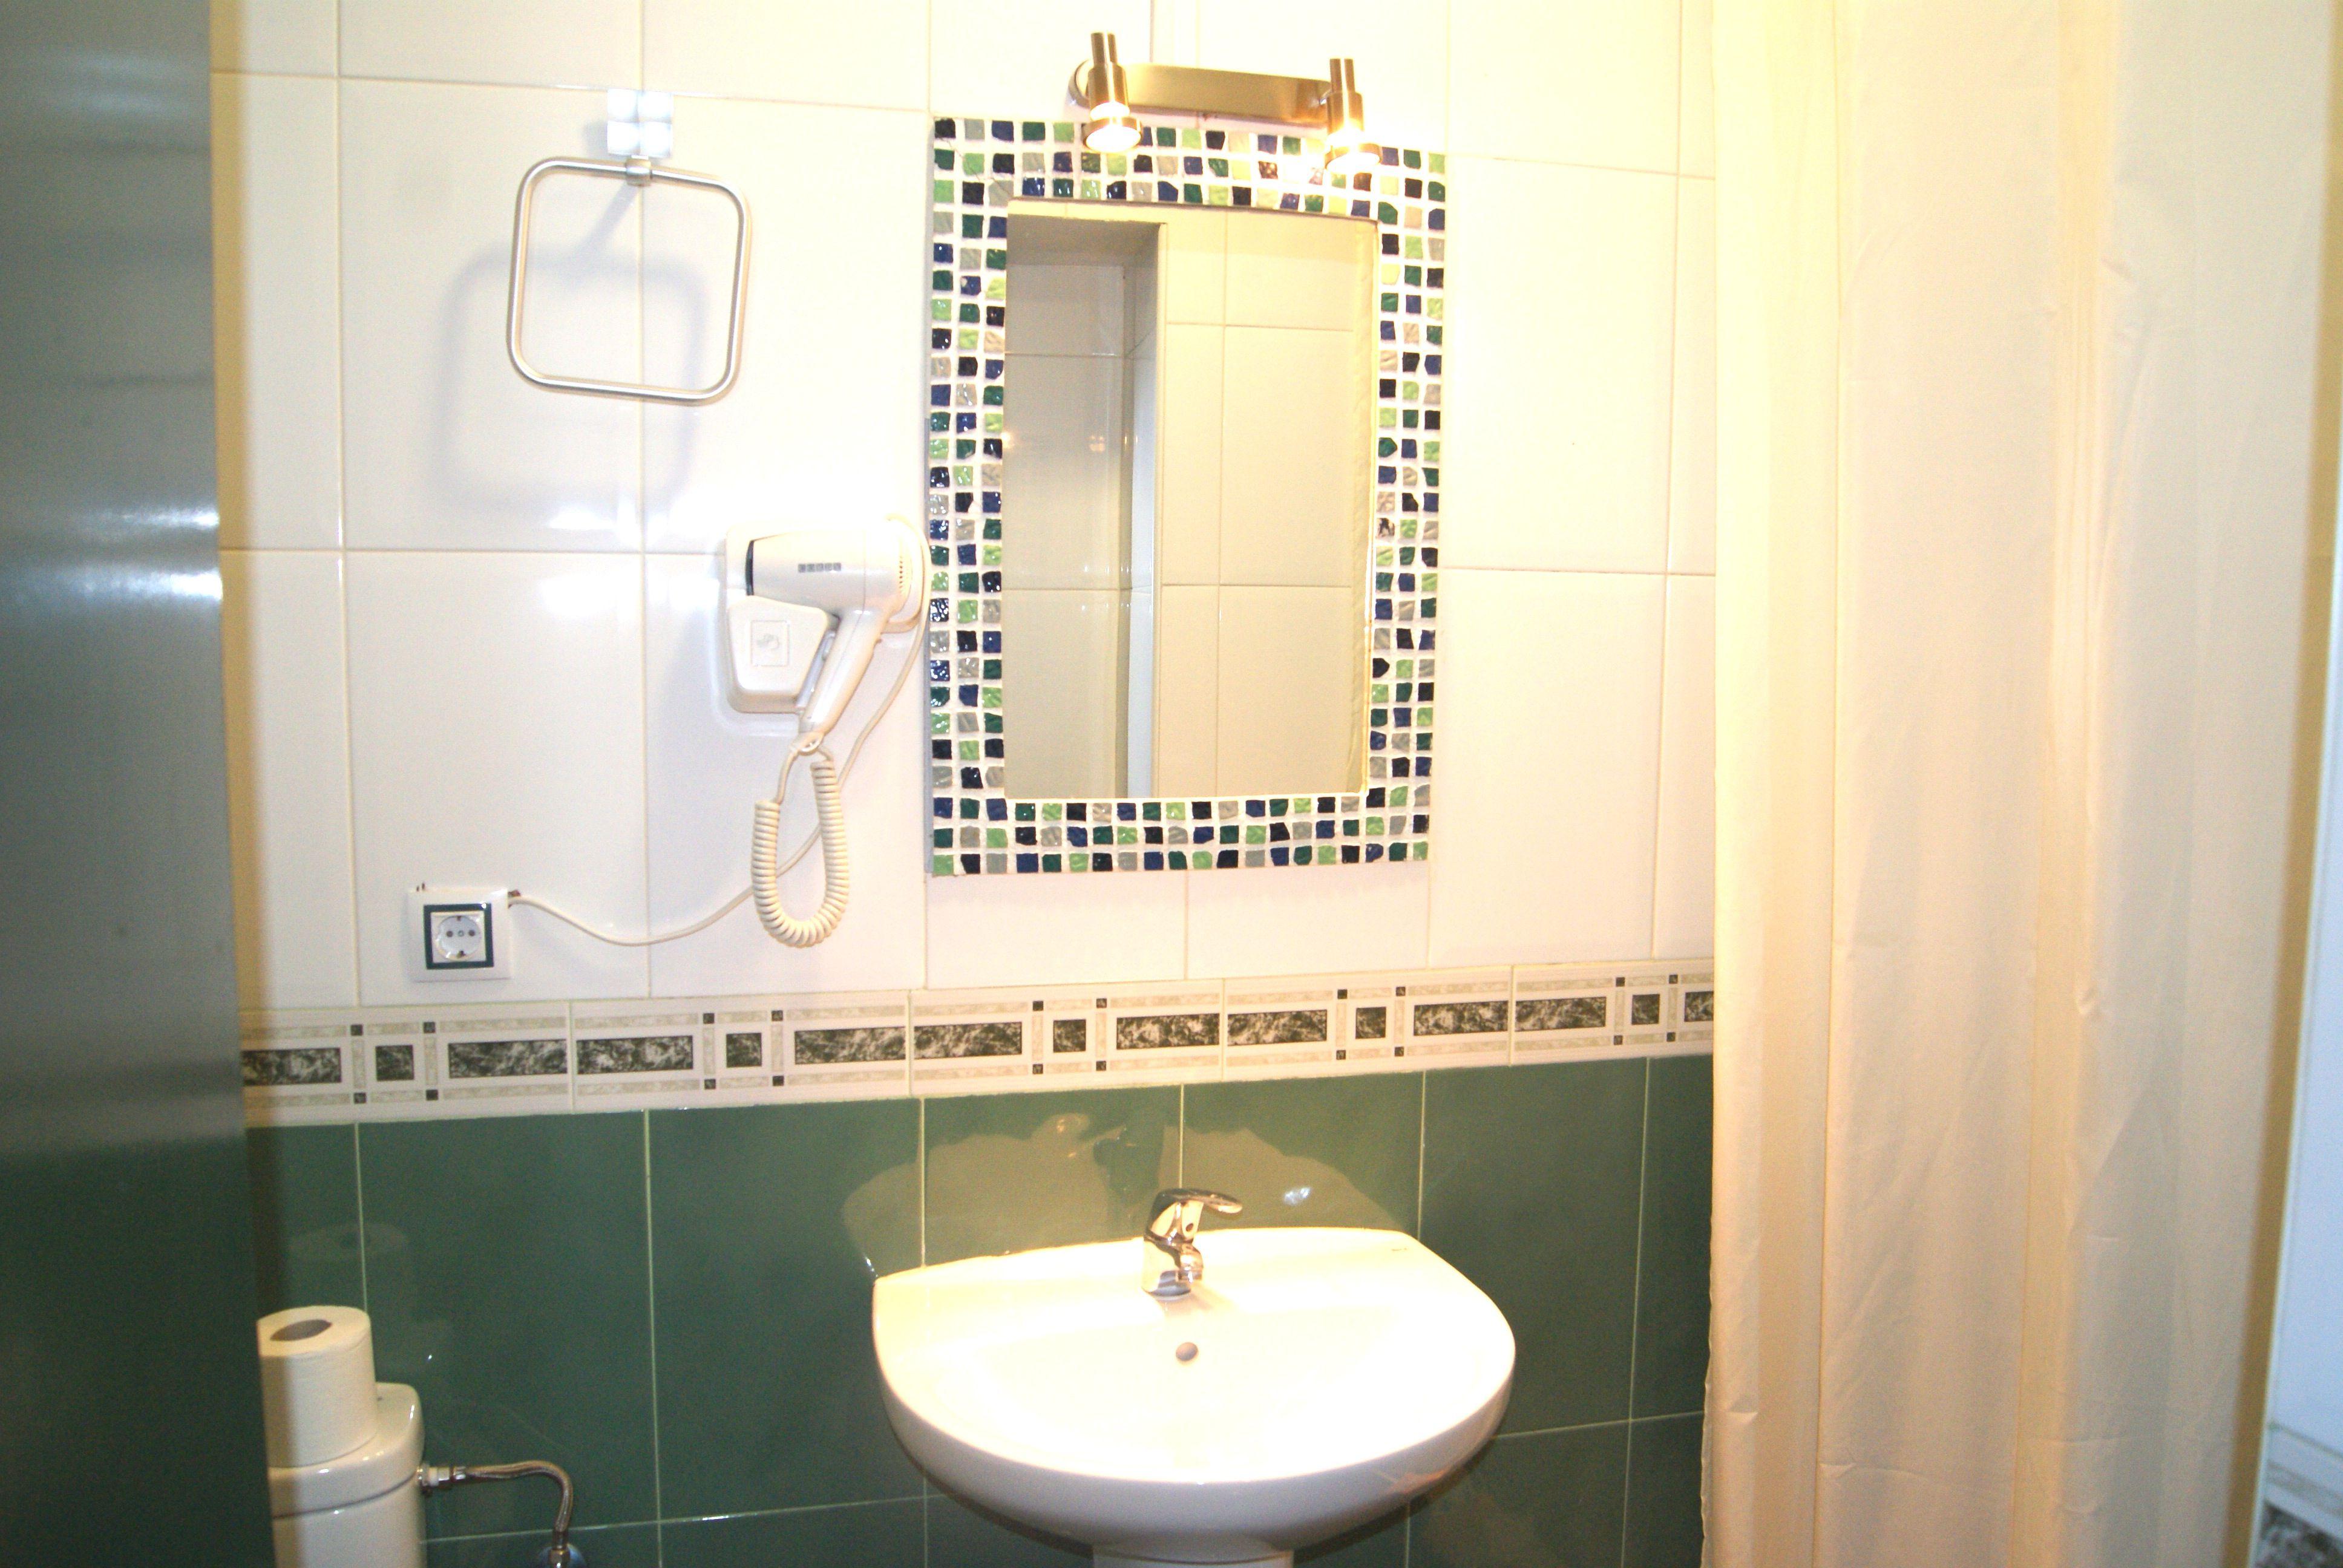 Baño interior. Completamente equipado.